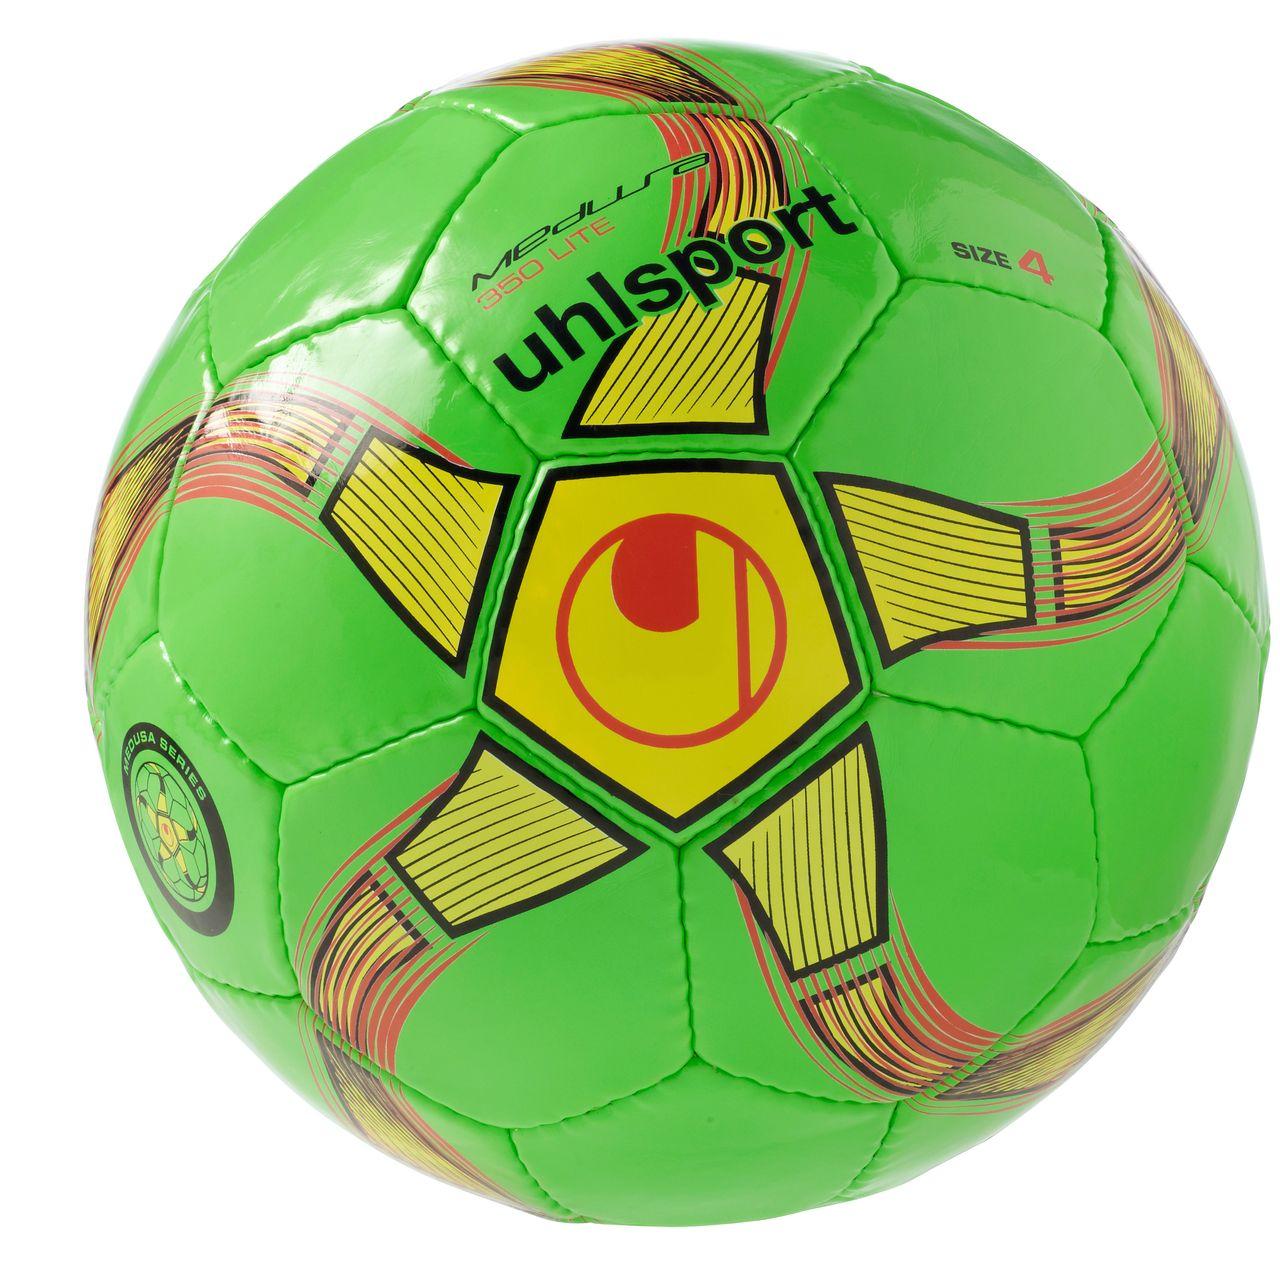 Uhlsport Jugendball Futsal - MEDUSA ANTEO 350 LITE 2018